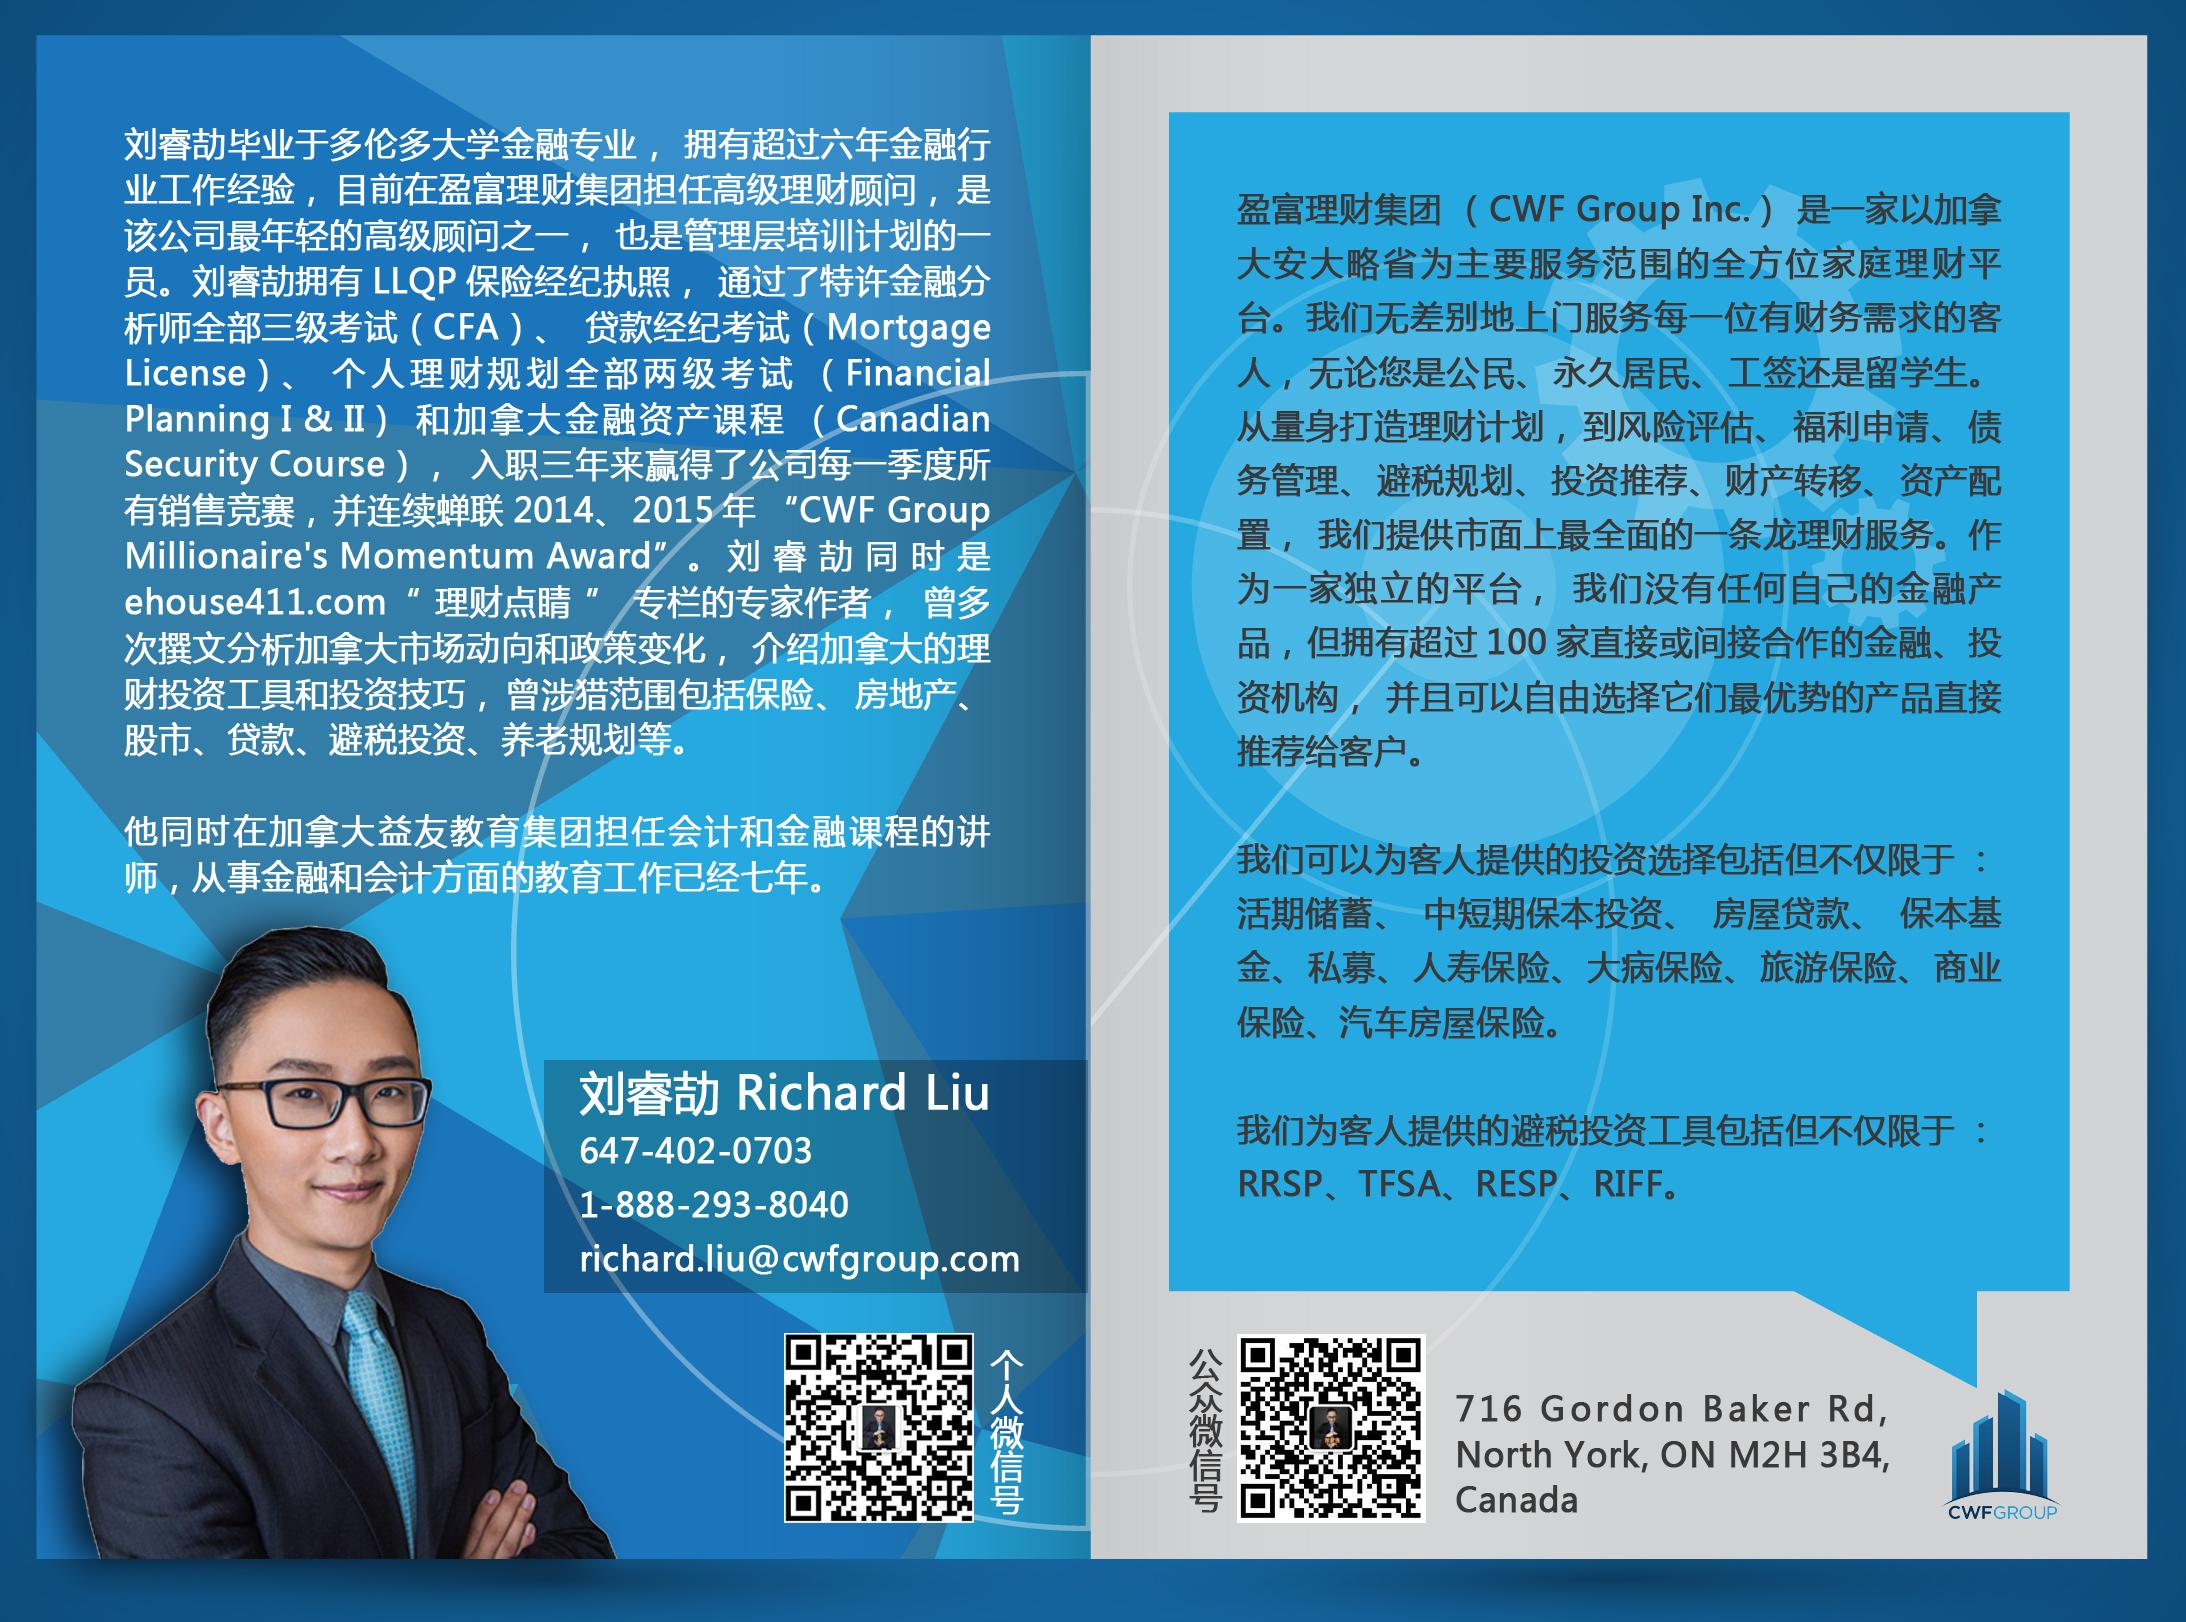 加拿大 理财 金融 盈富理财集团 刘睿劼